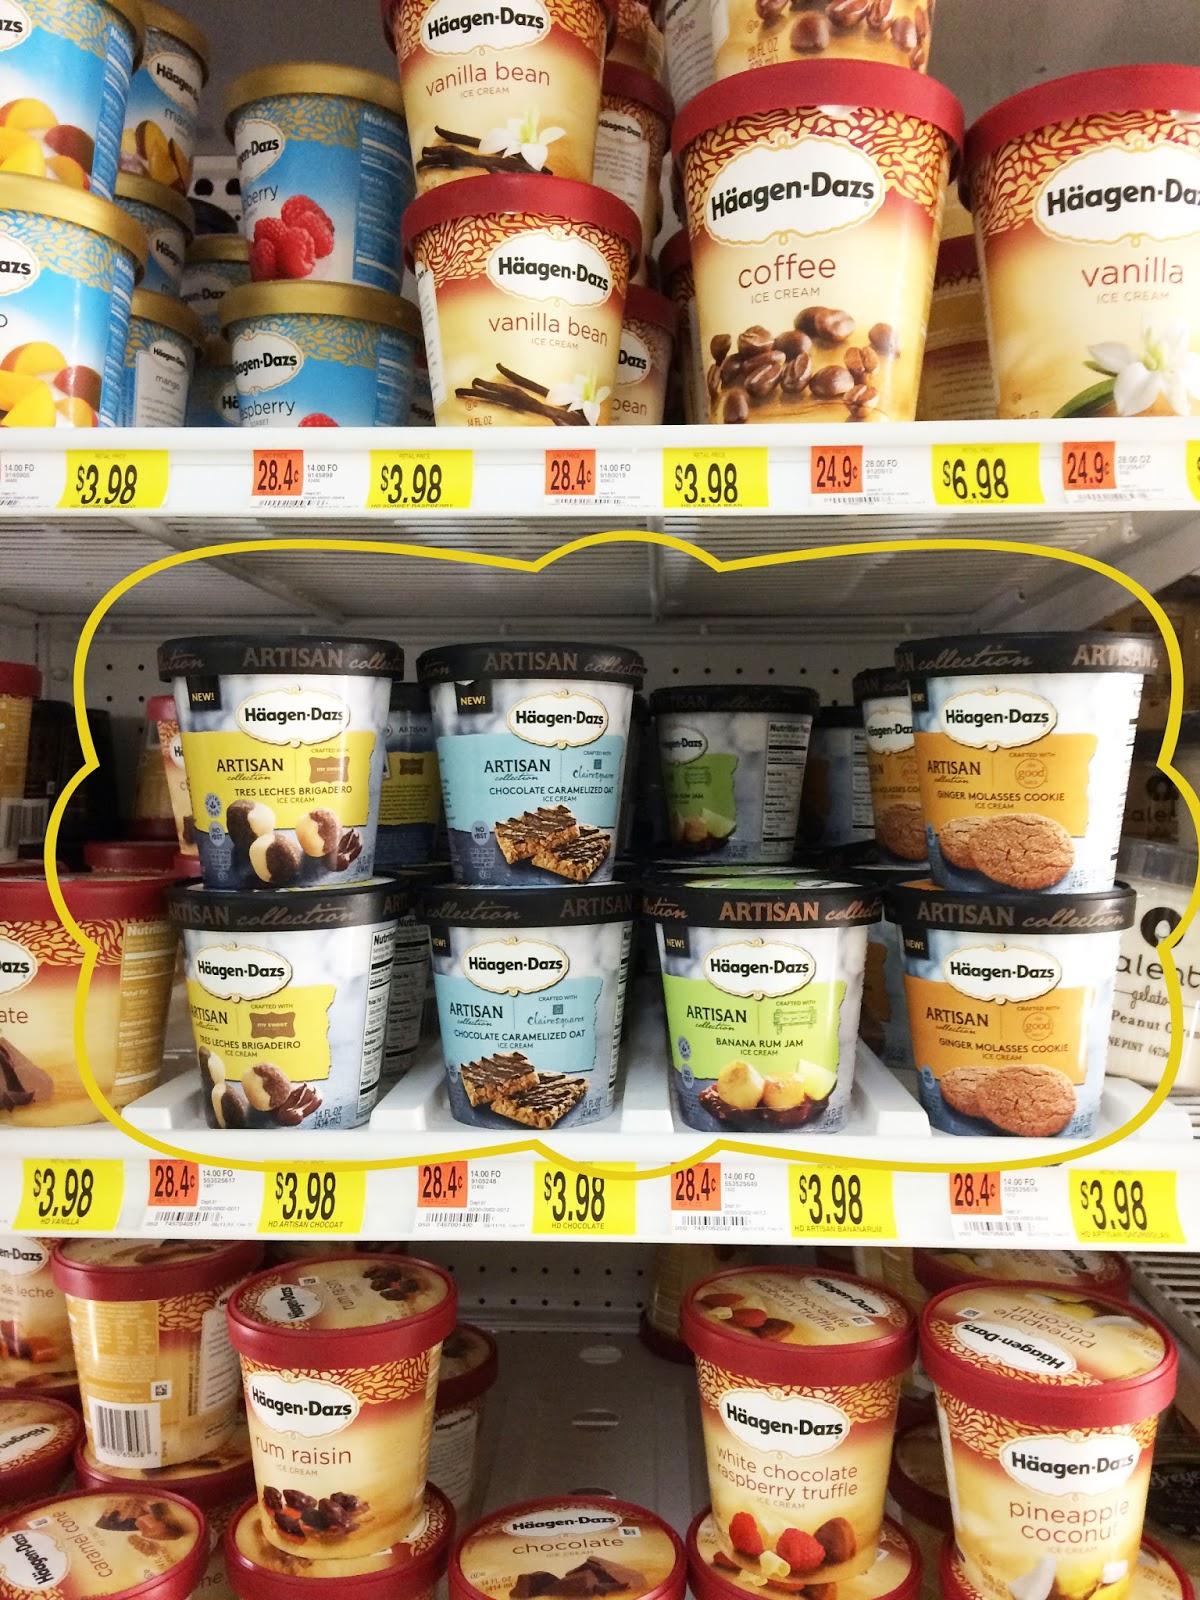 Haagen Dazs Ice Cream Flavors | www.pixshark.com - Images ...